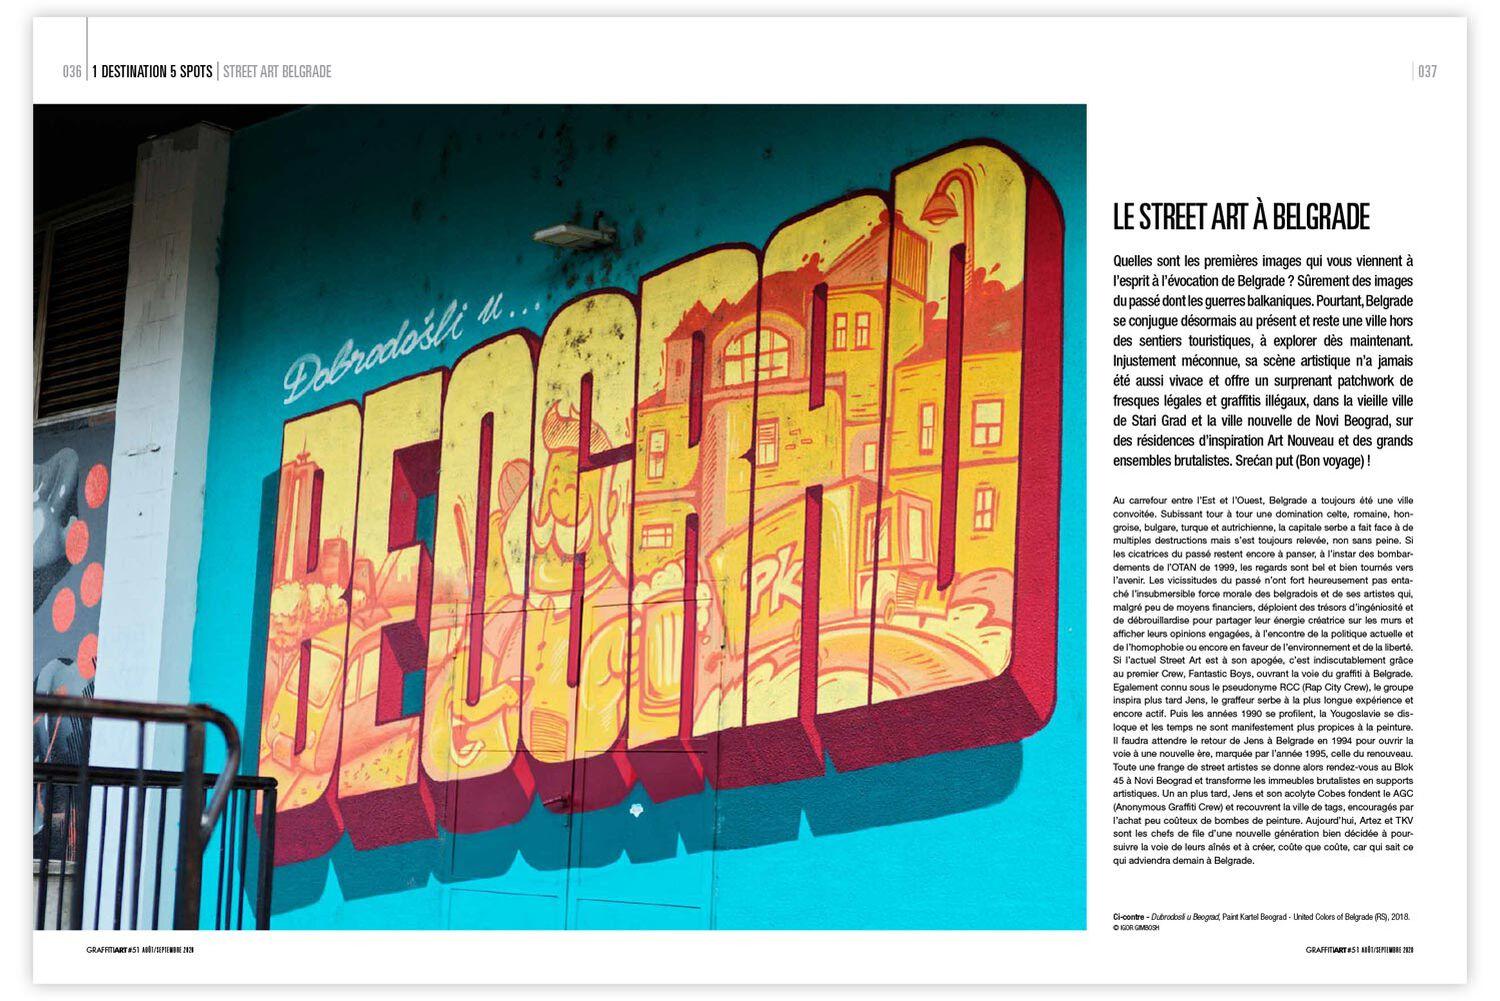 Graffiti Art #51 - France